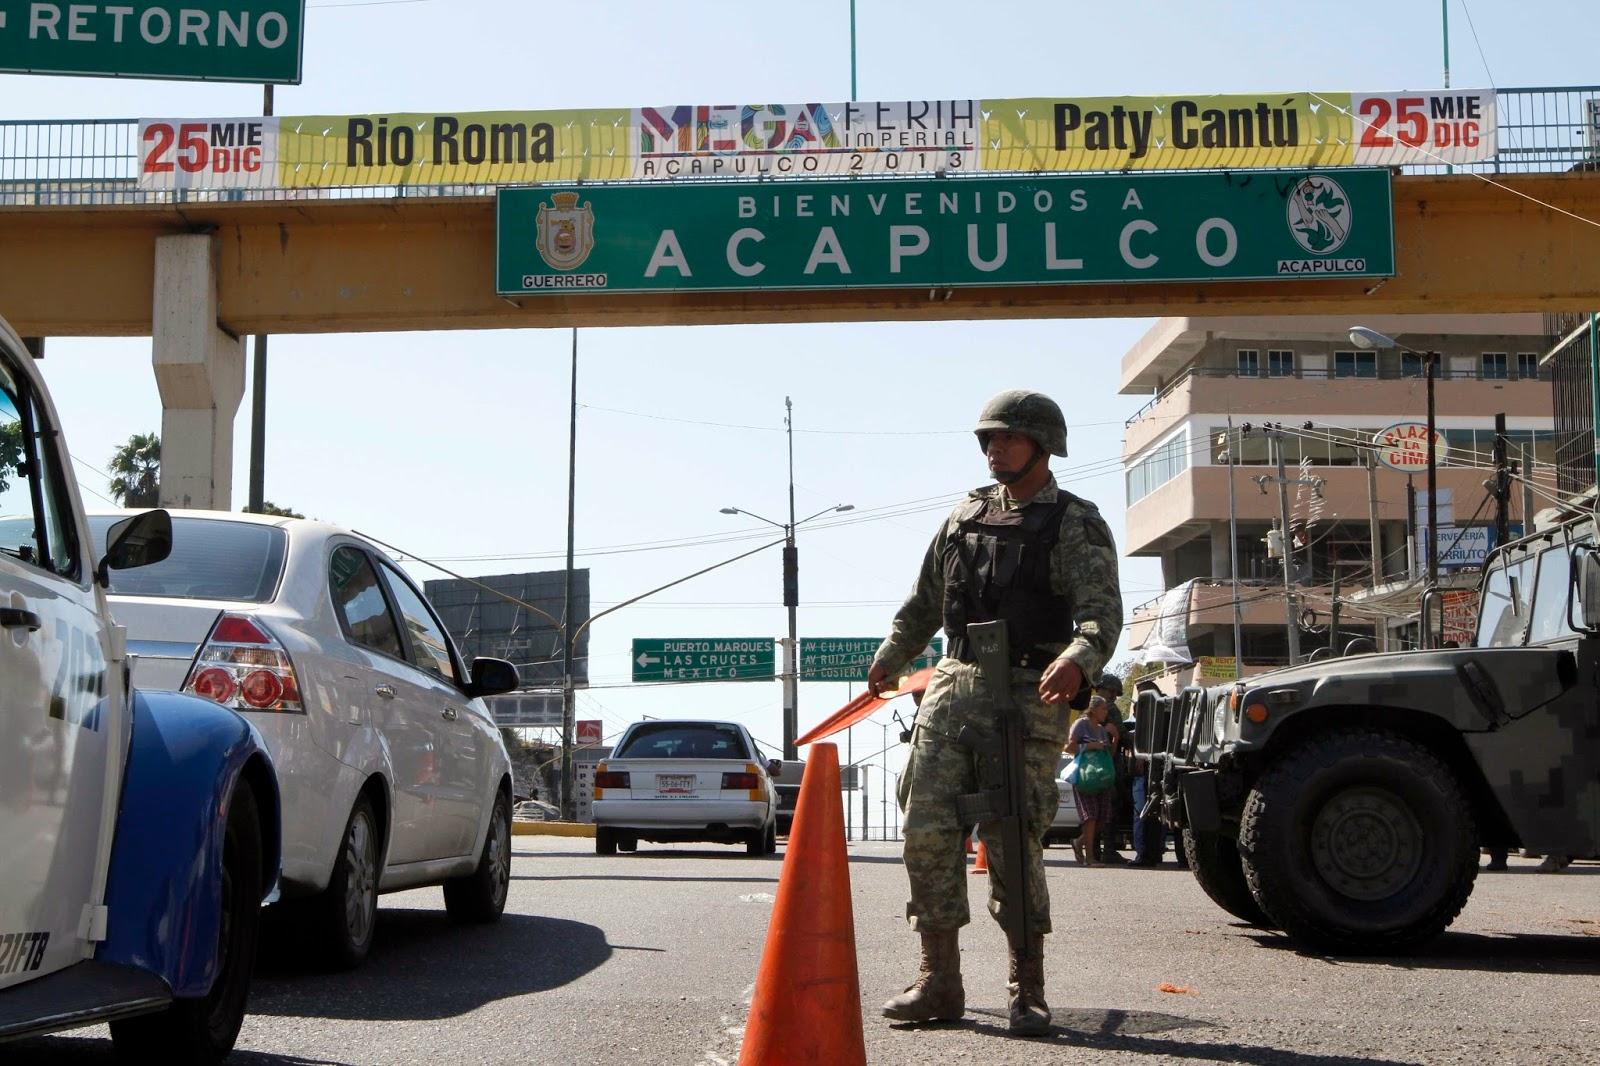 Levantan a 2 militares en Acapulco Guerrero